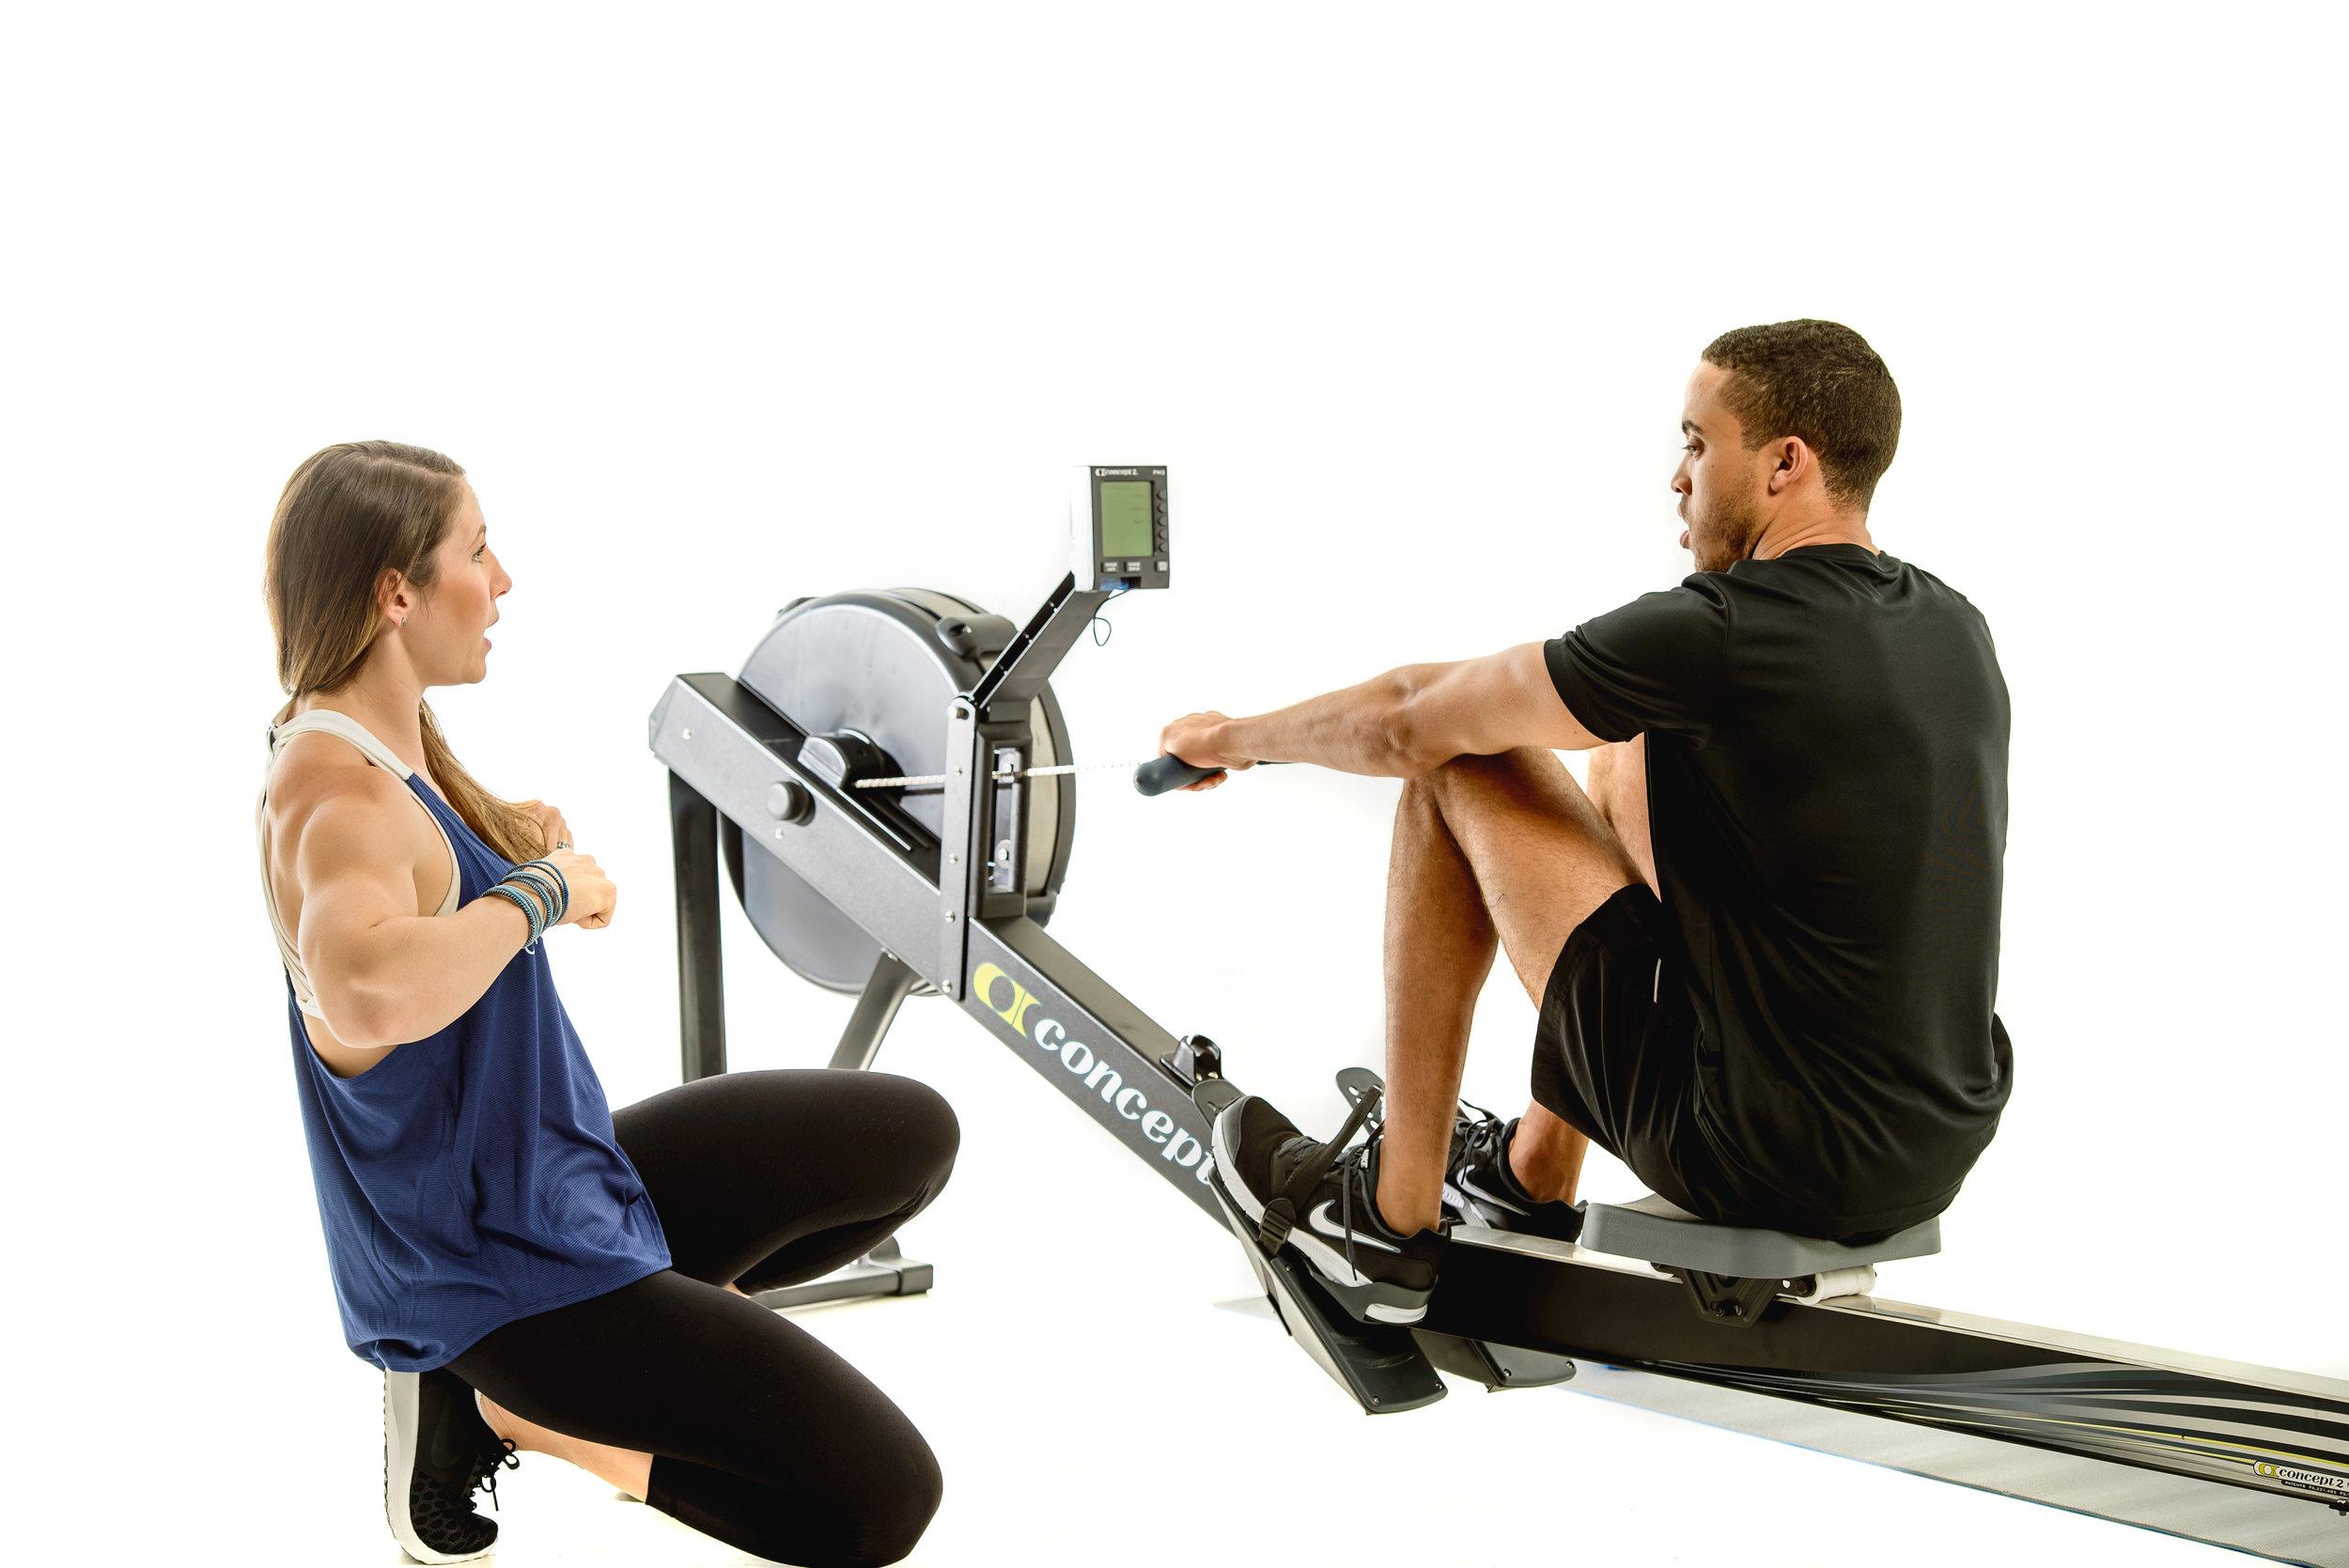 Crew blog — Crew Fitness